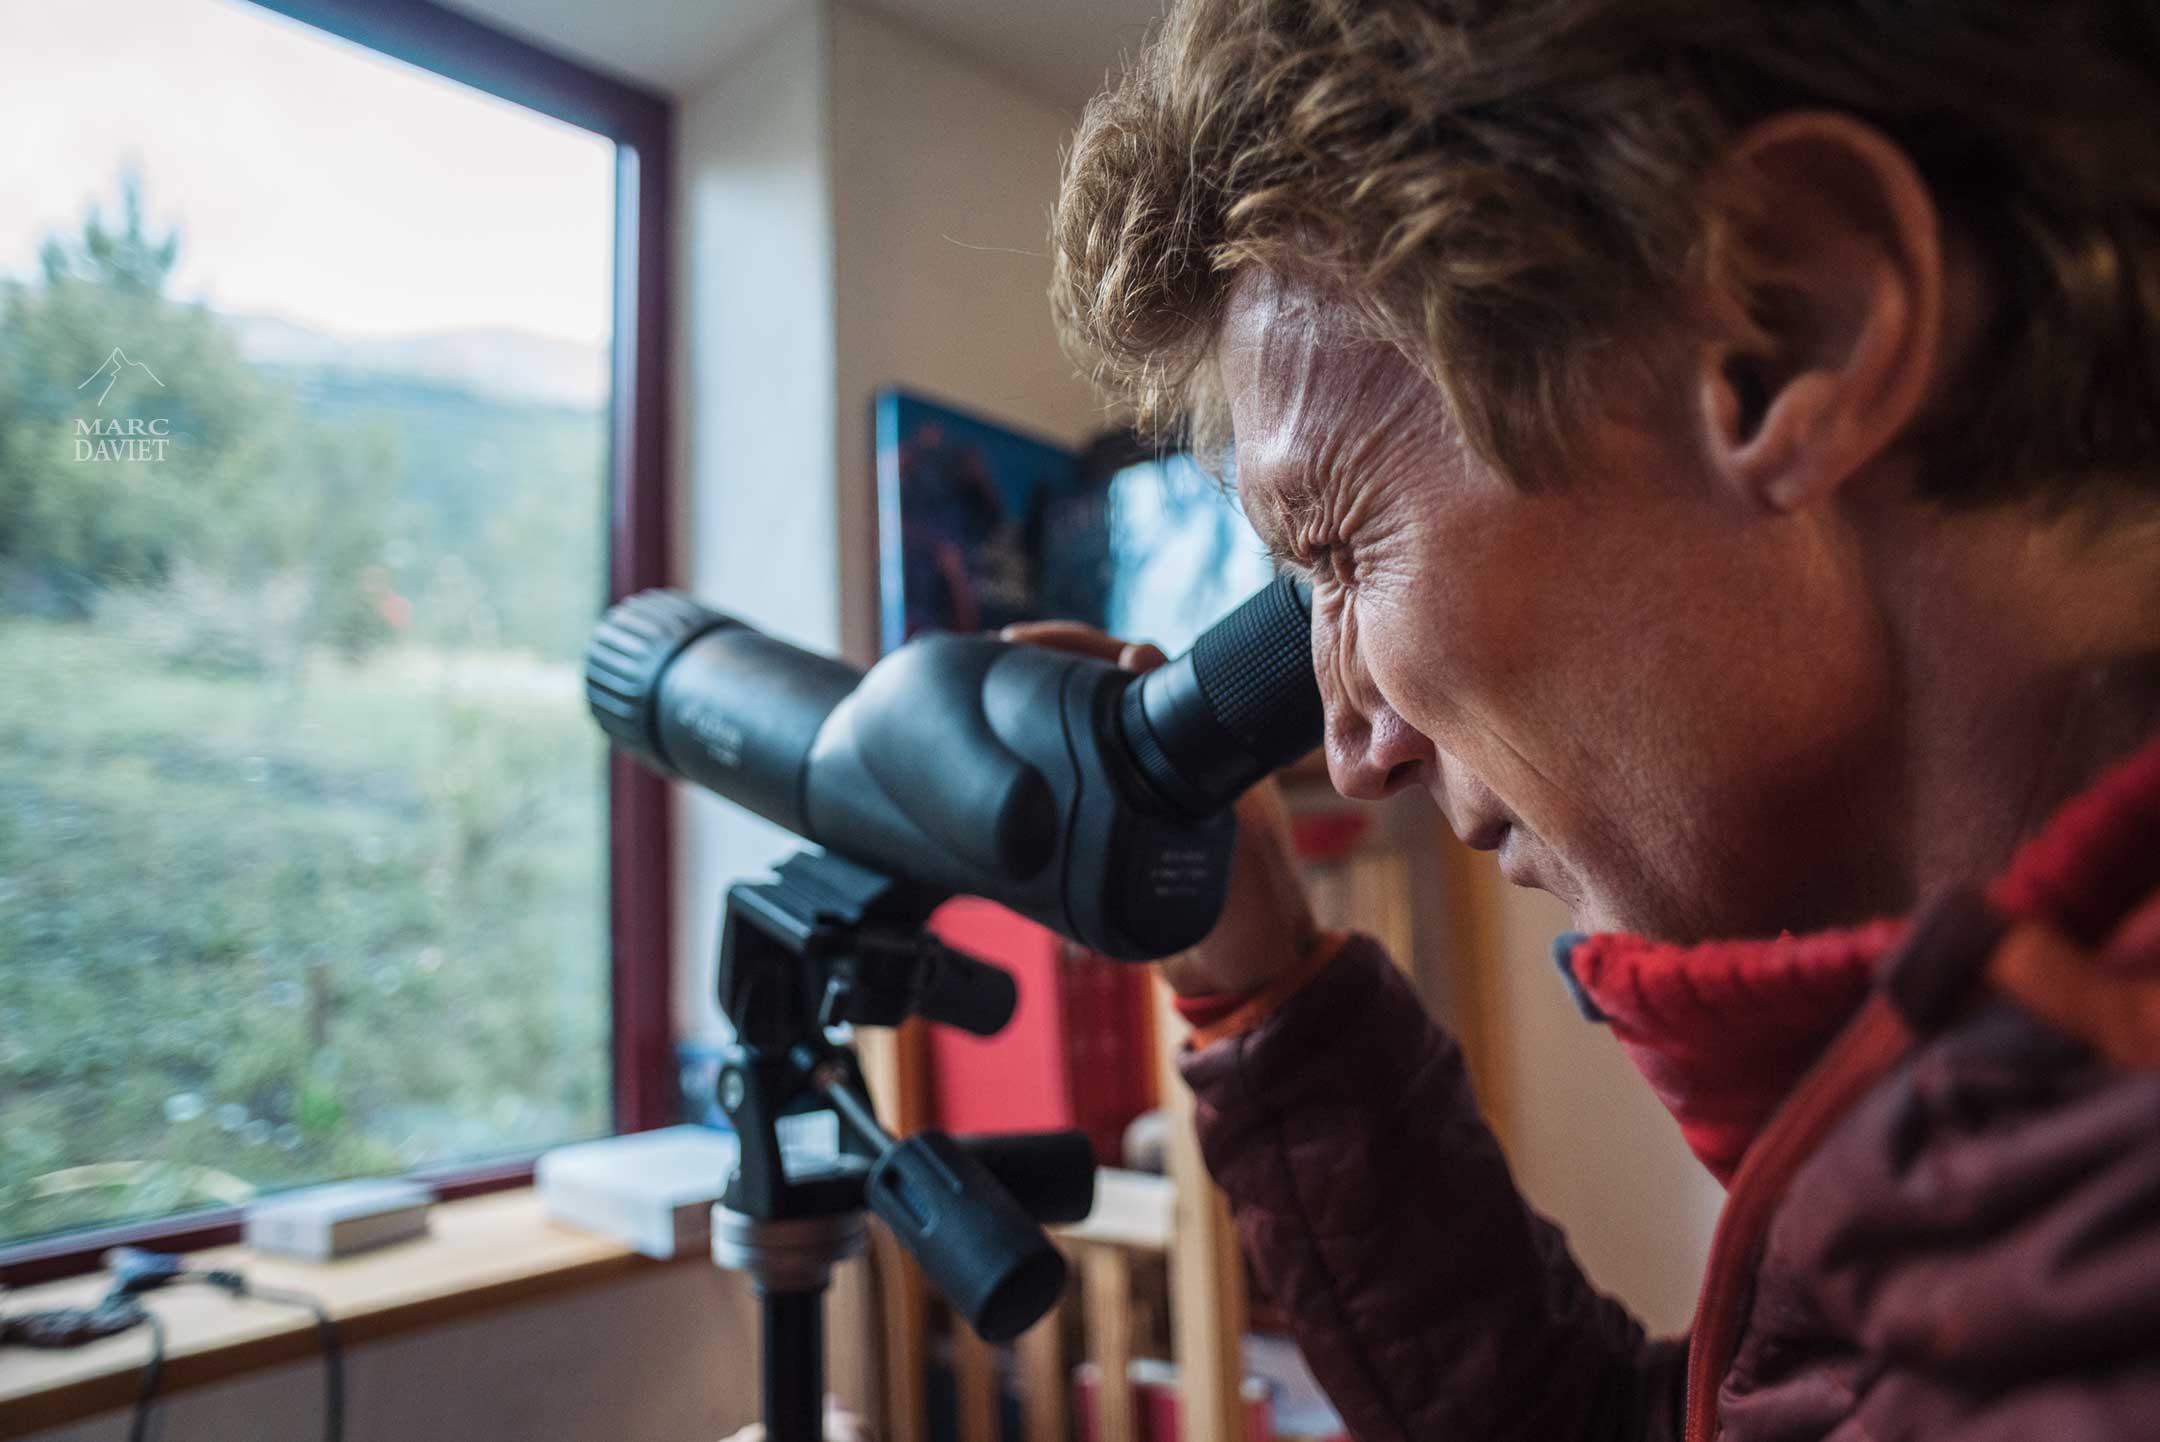 Arnaud surveille les grimpeurs sur la falaise de Ceüze